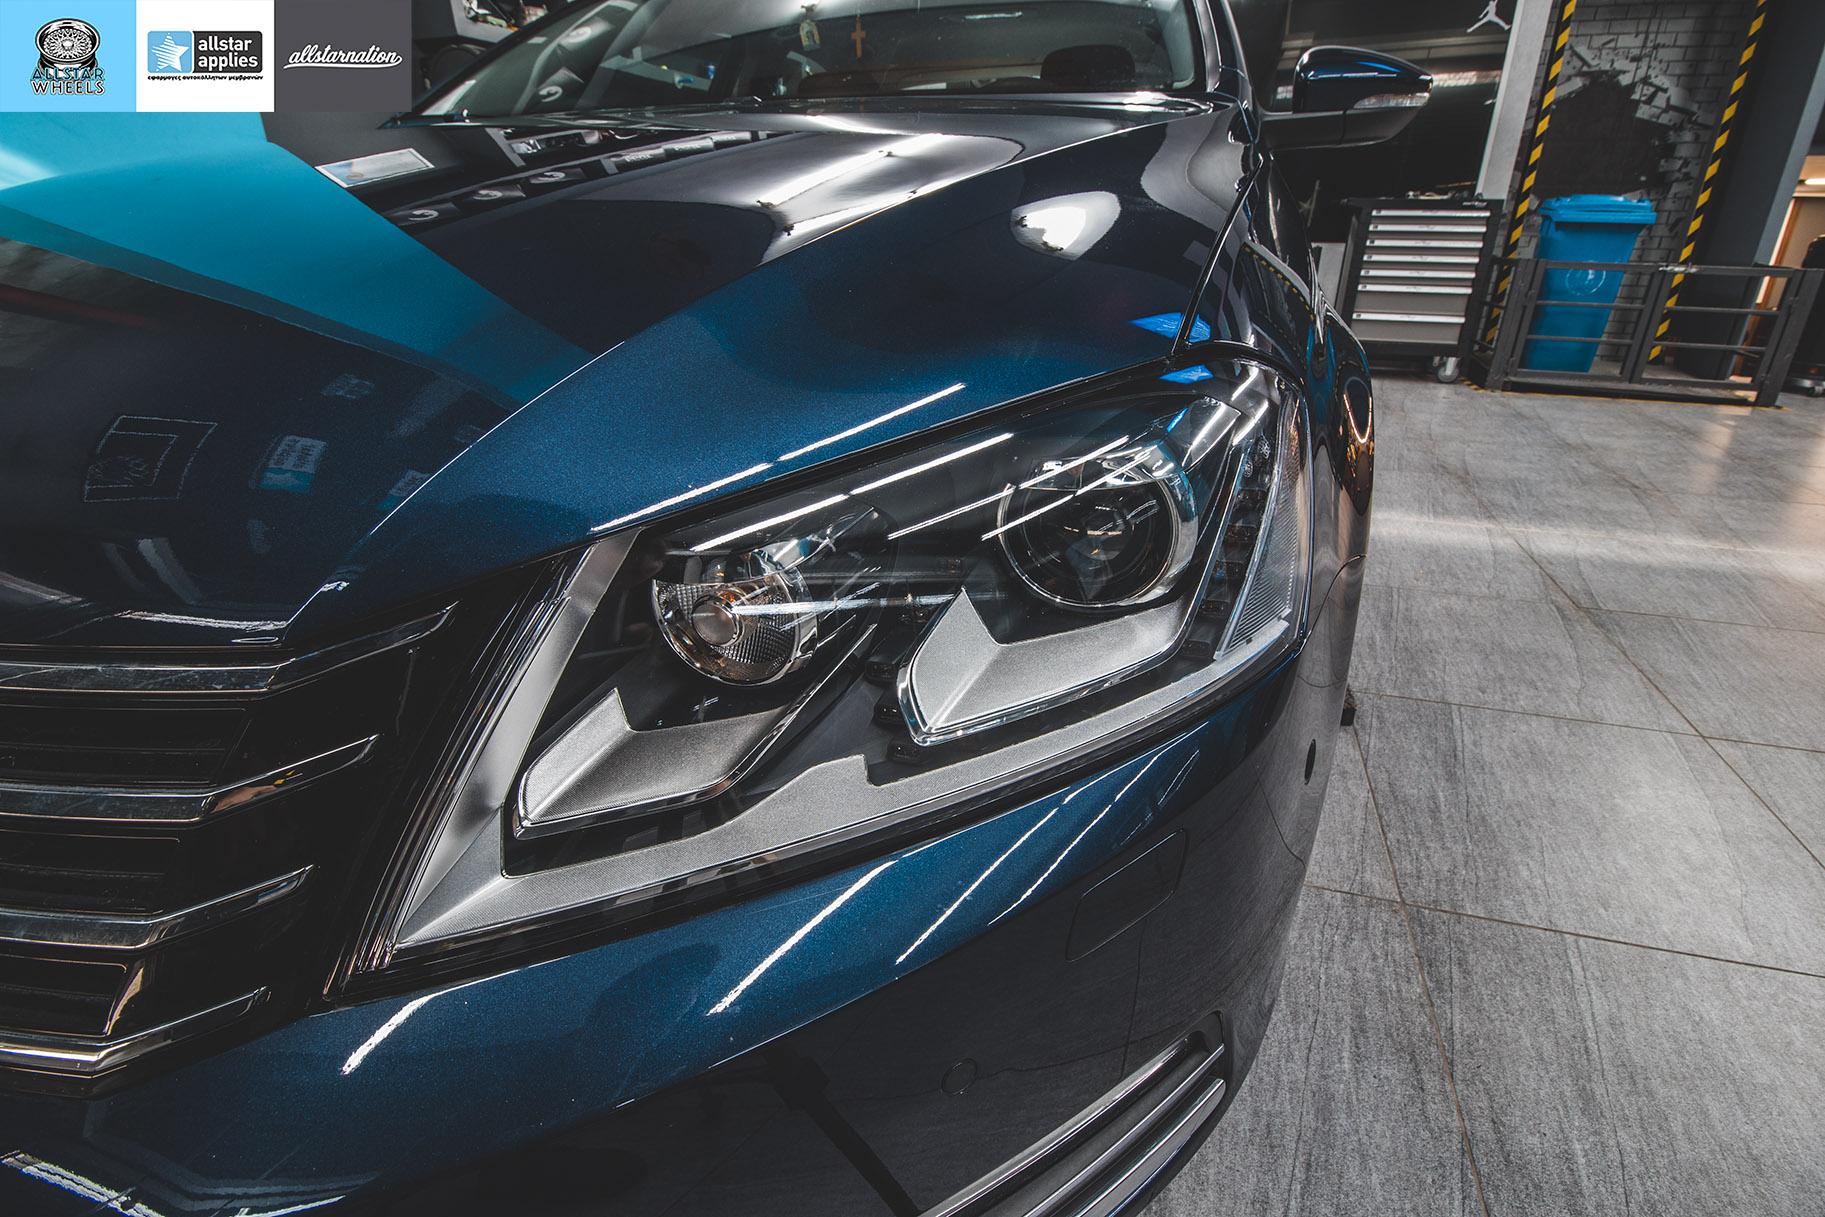 Μεμβράνες προστασίας φαναριών σε VW Passat στη θεσσαλονίκη Allstar Applies